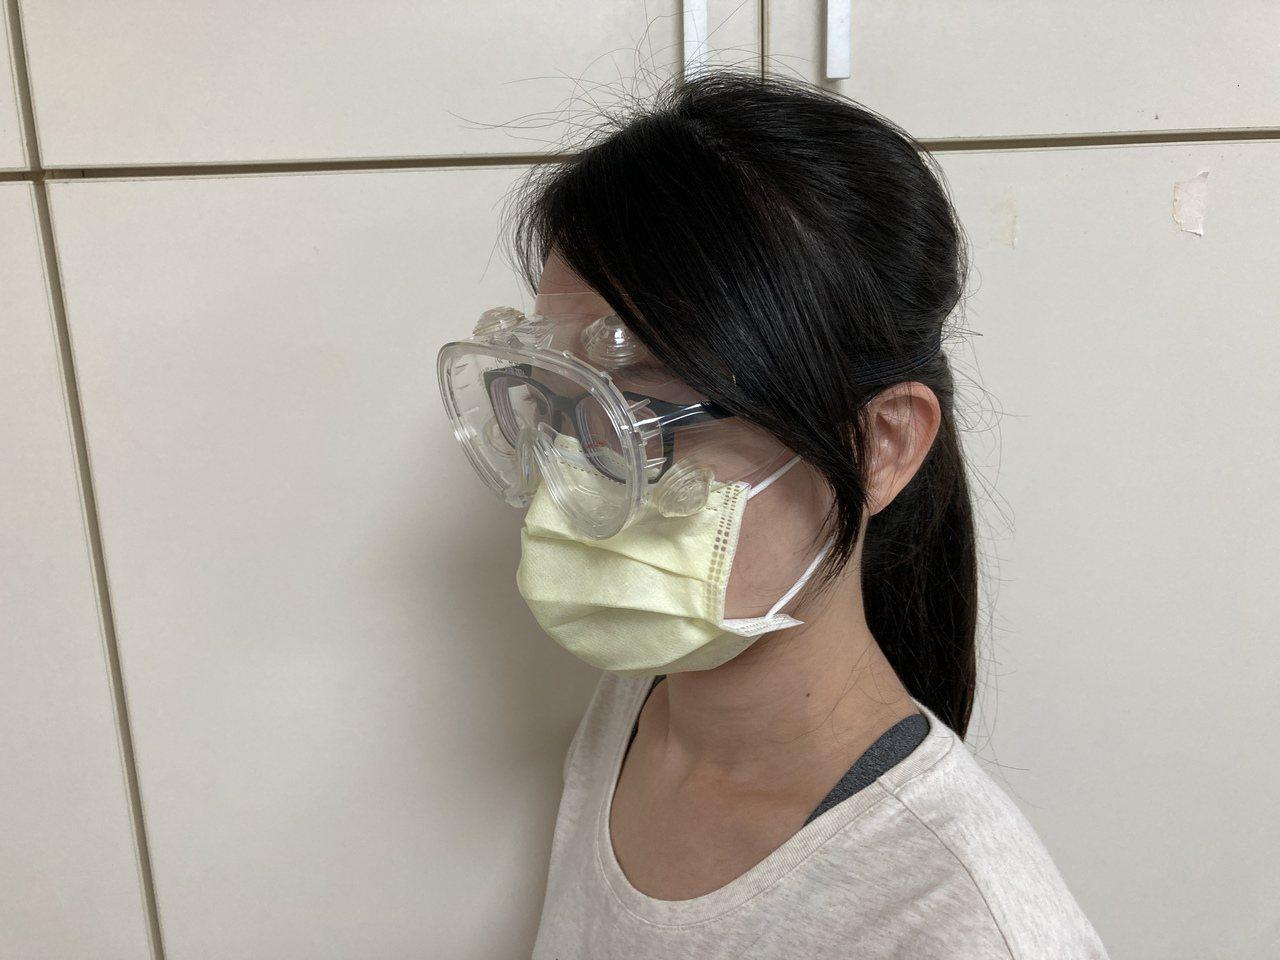 醫師提醒戴護面罩、護目鏡時,應挑選適合臉型、鬆緊適中,以免神經長時間壓迫導致頭部...